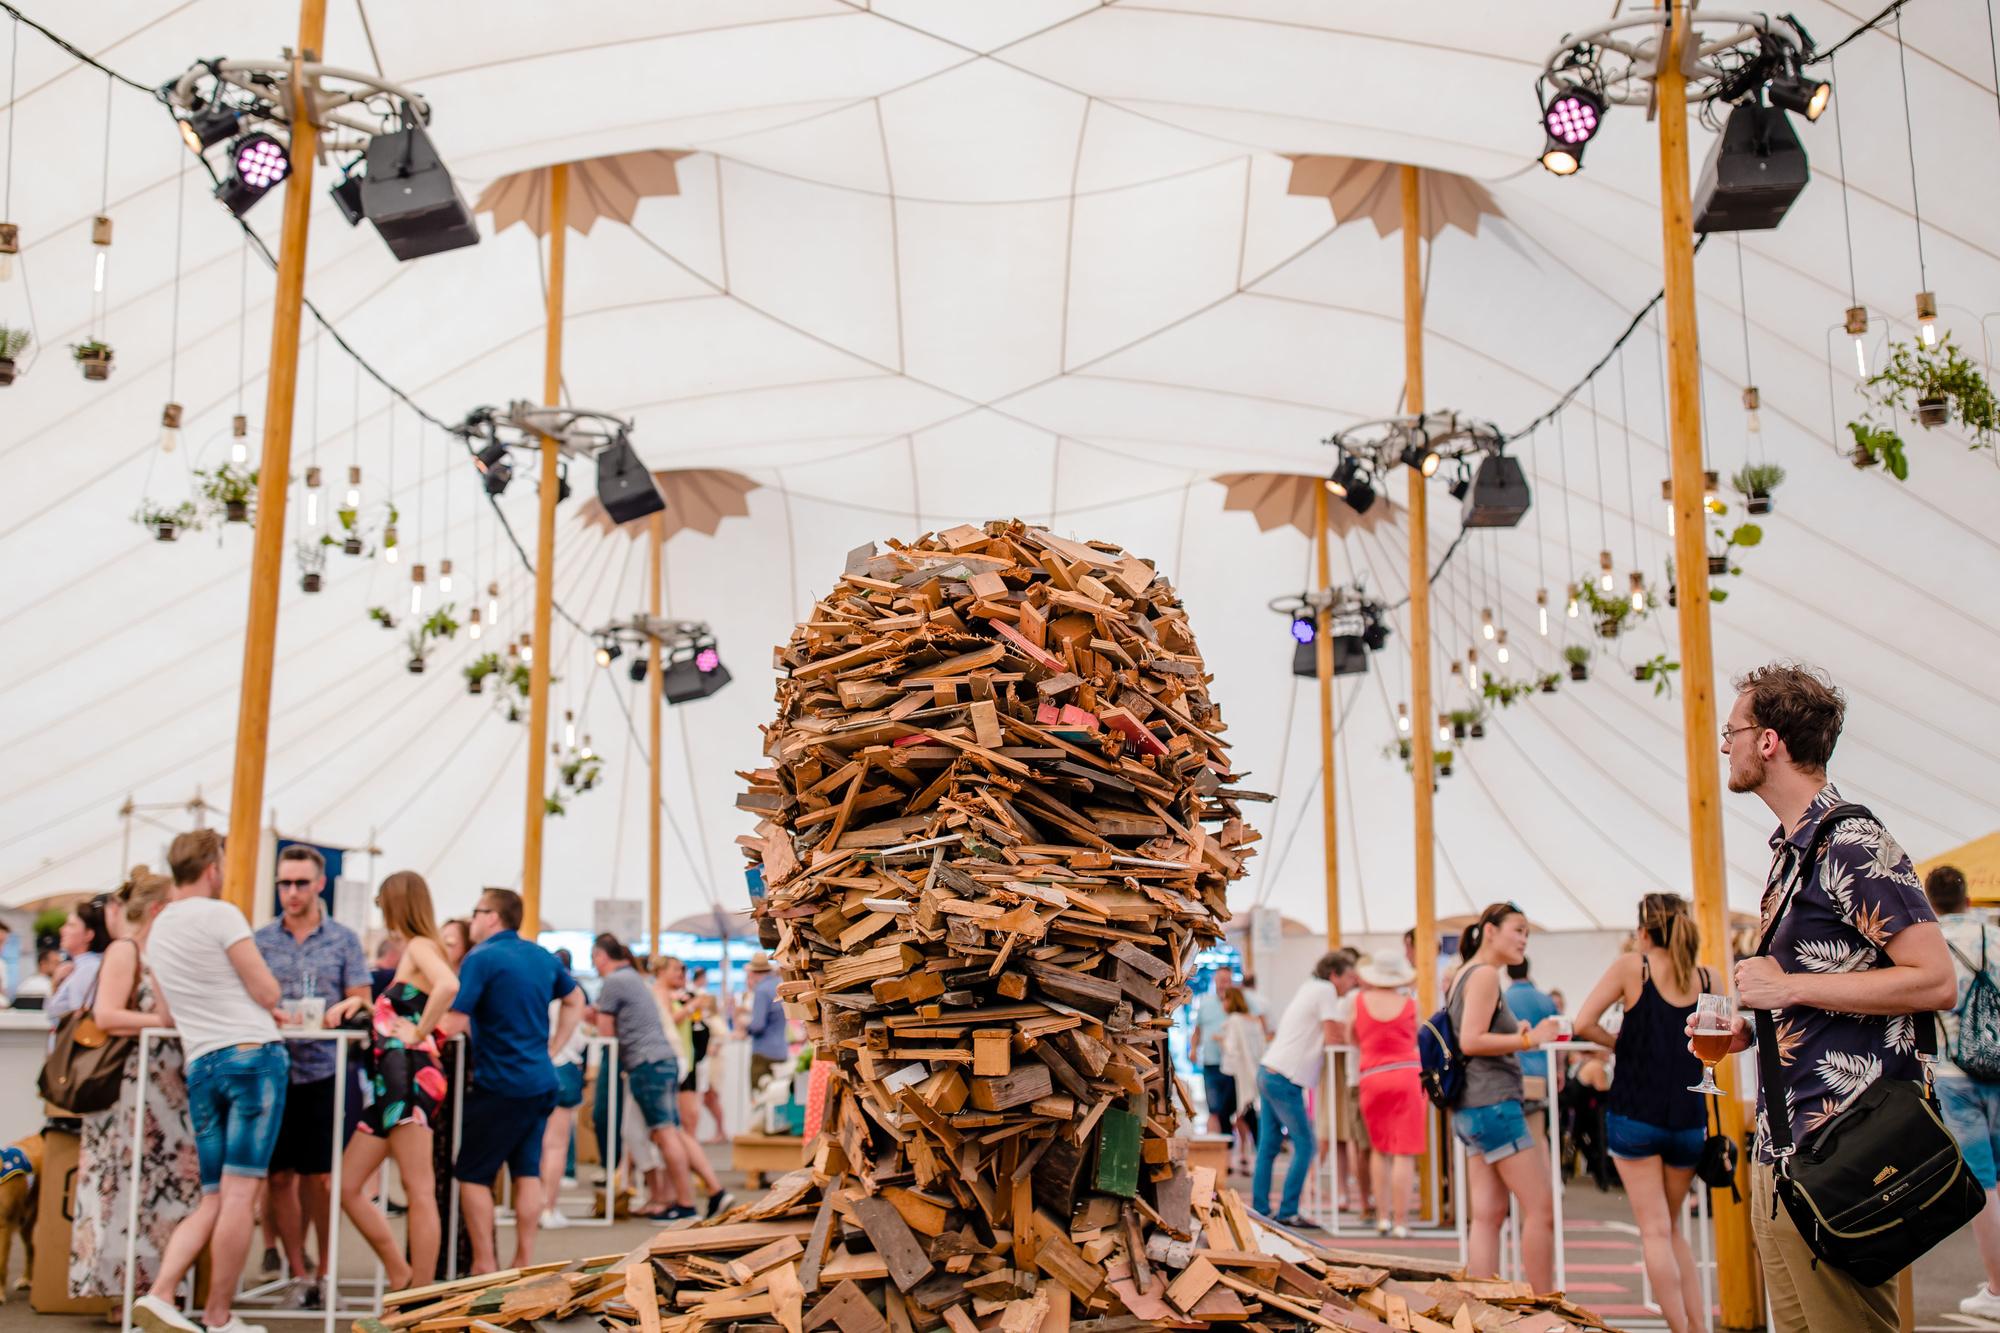 Ook voor kunst is er plaats op Foodfest., Leyla Hesna